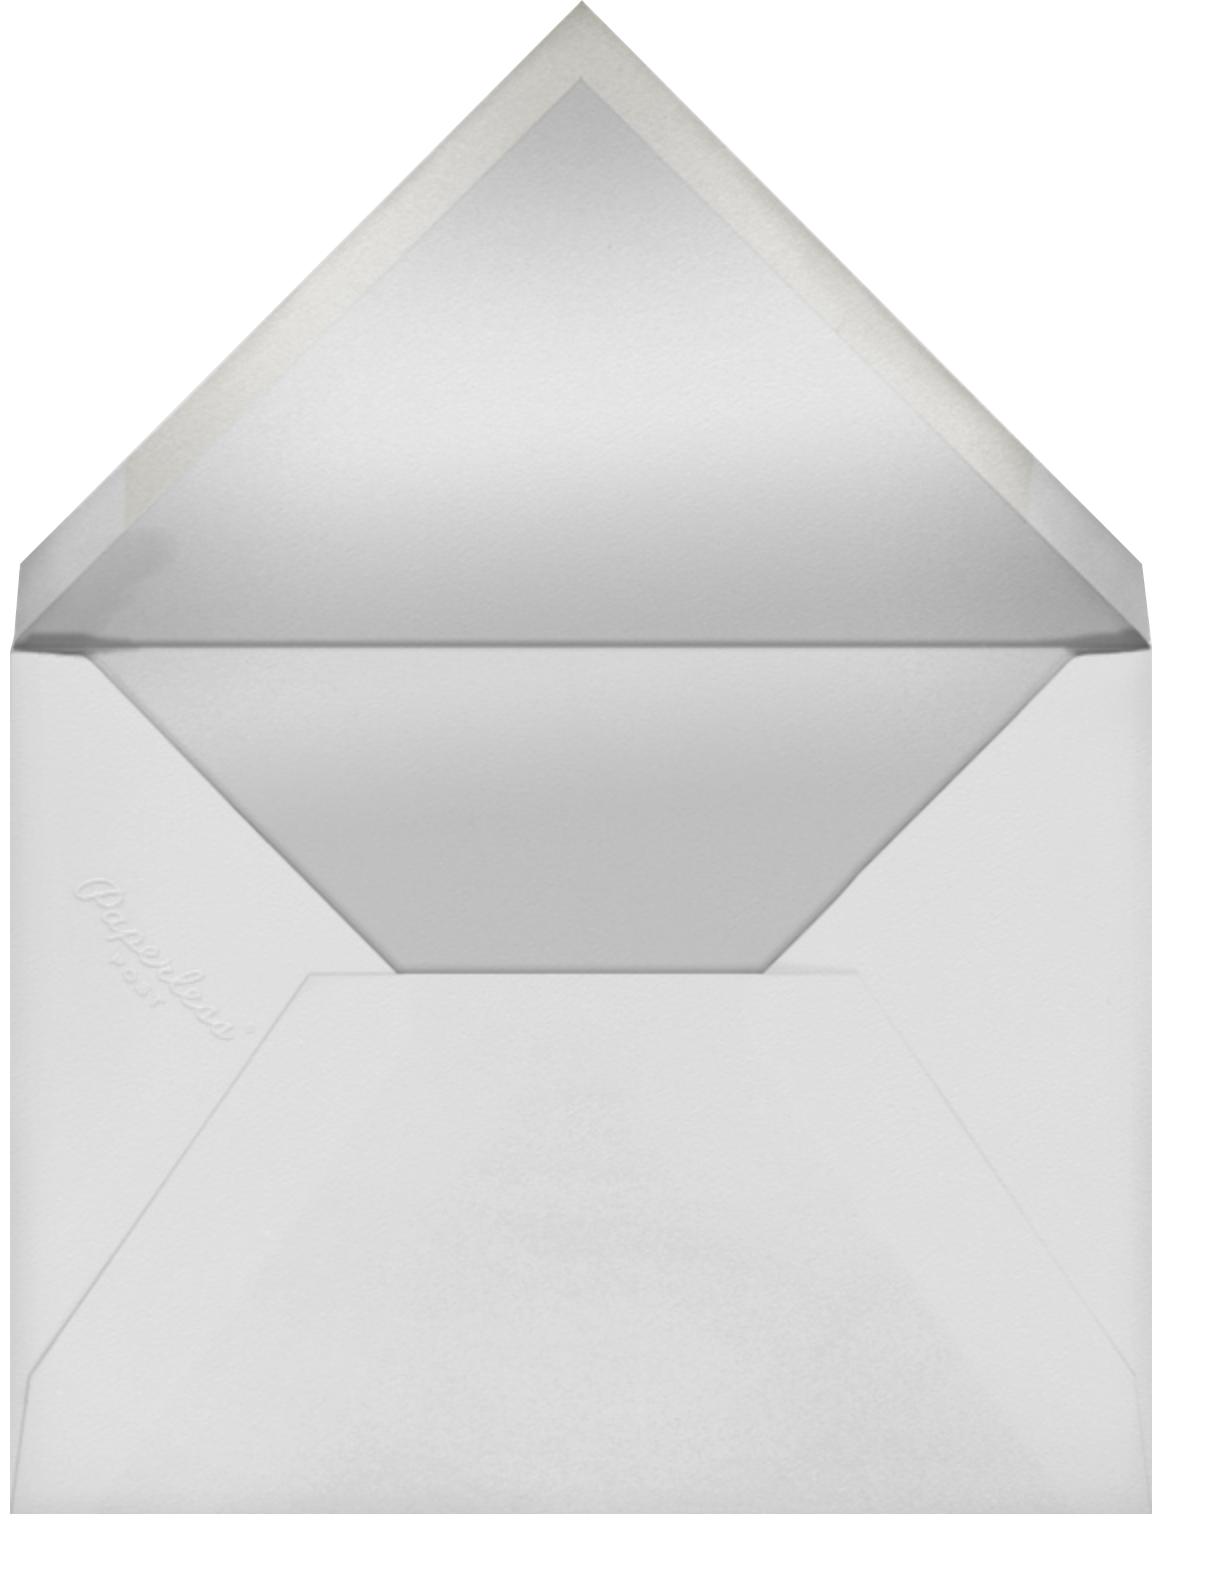 Wood Grain Color Slabs - Black - Paperless Post - Adult birthday - envelope back